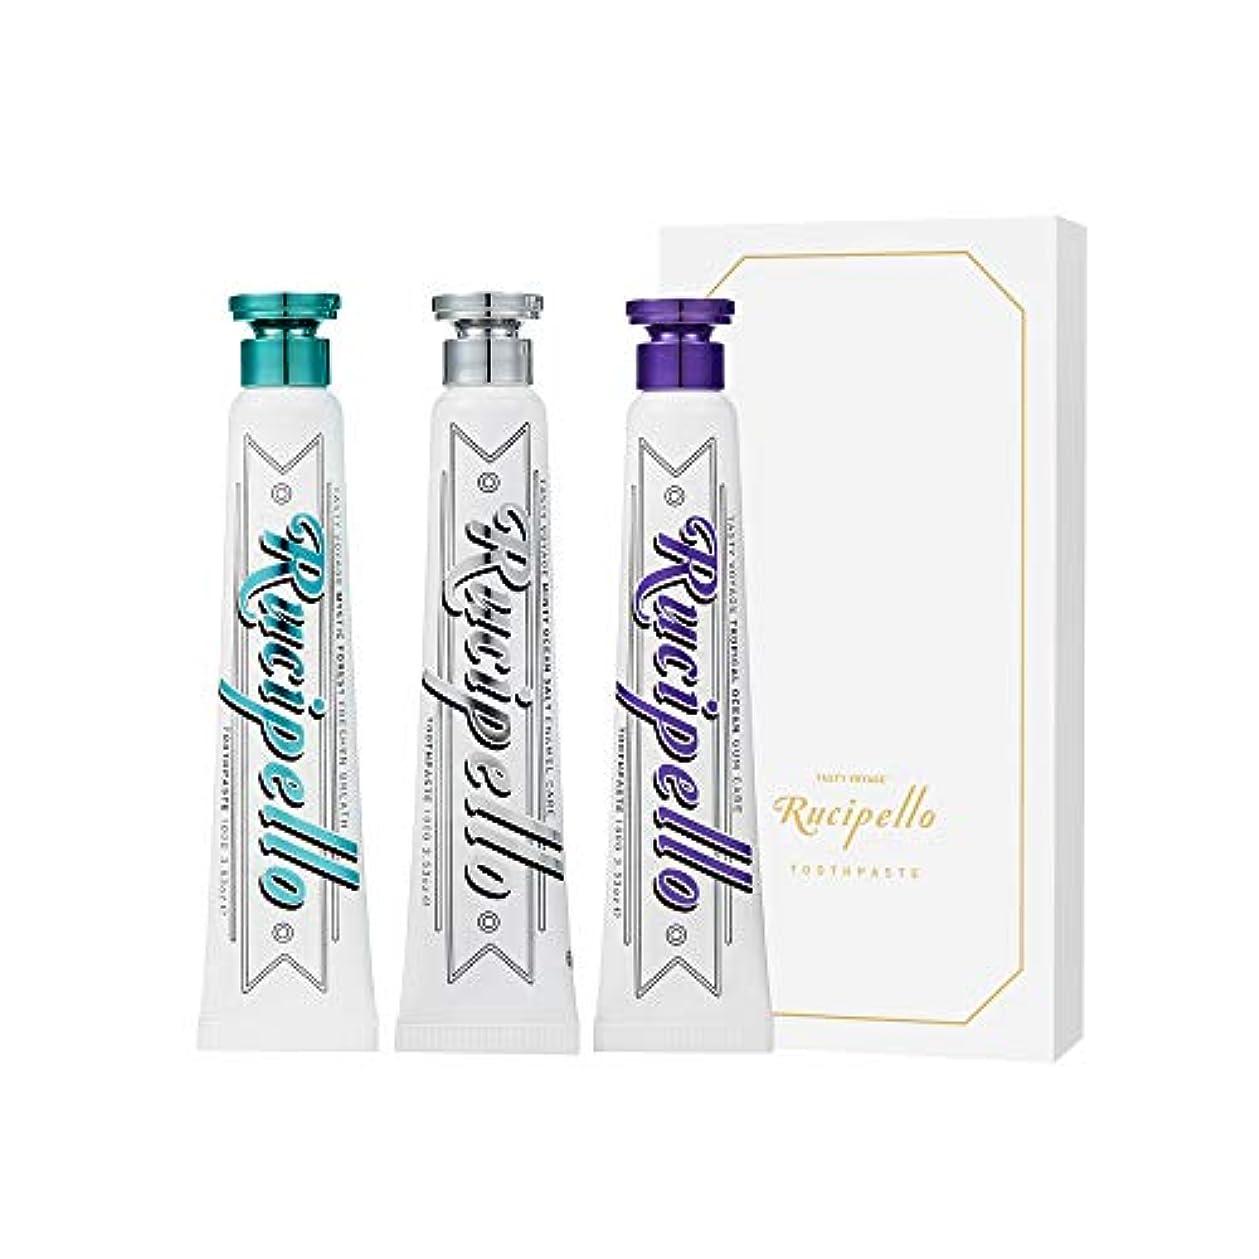 バウンス妥協家主[ルチペッロ] Rucipello 歯磨き粉3種のプレゼントセット 100g x 3 本 (海外直送品)